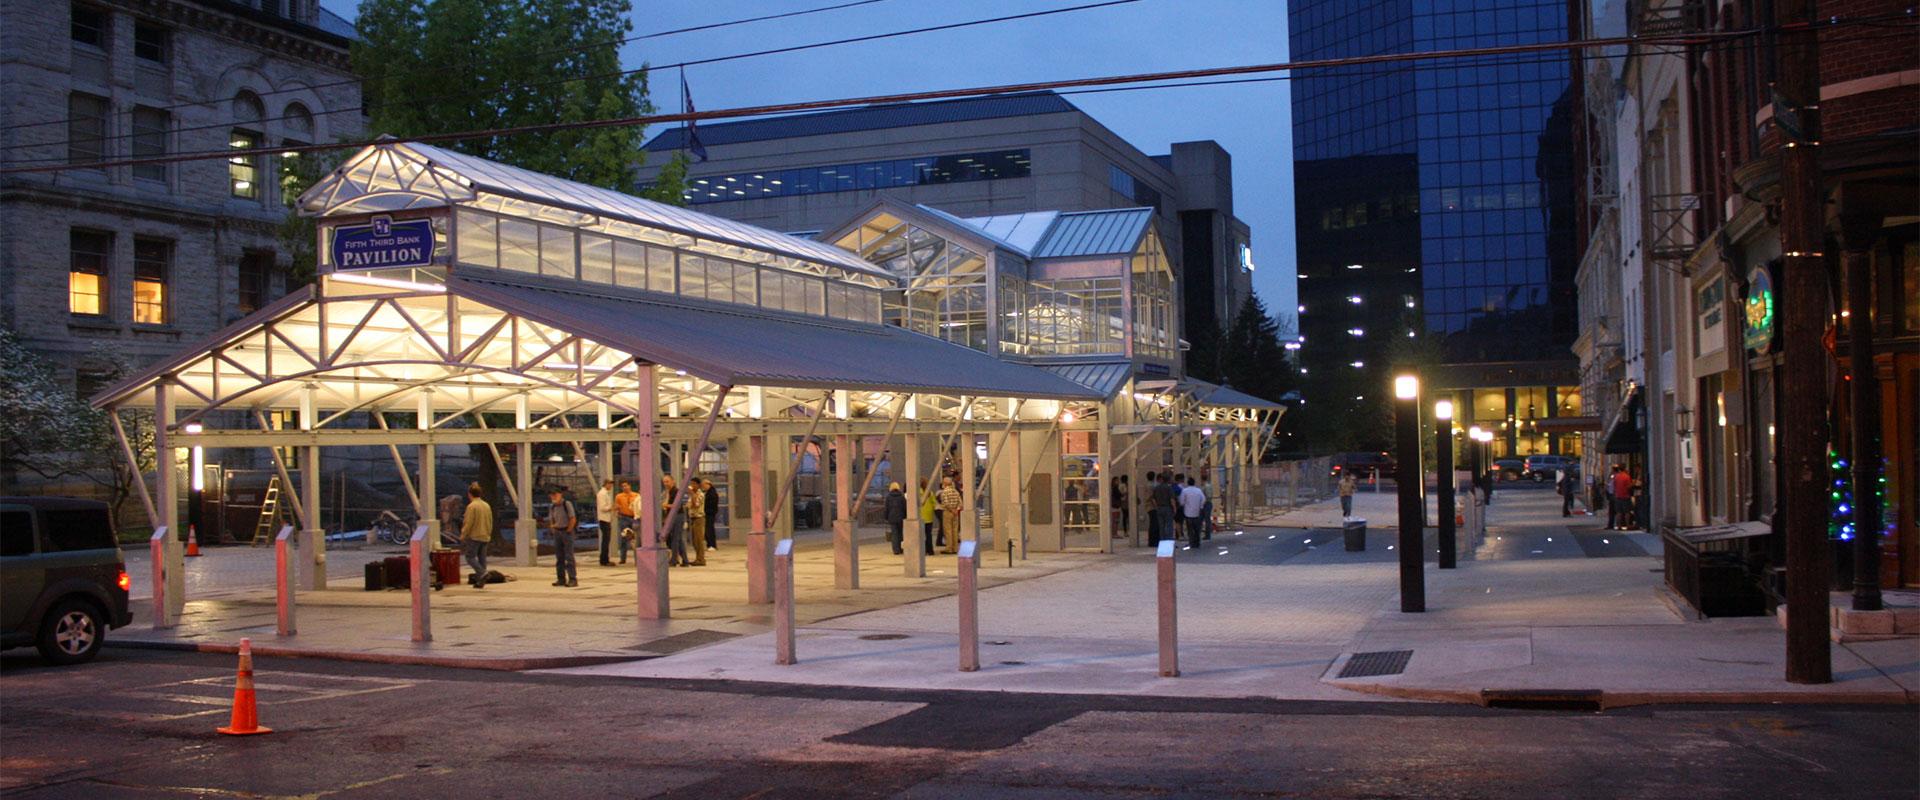 Cheapside Pavilion, Lexington, KY